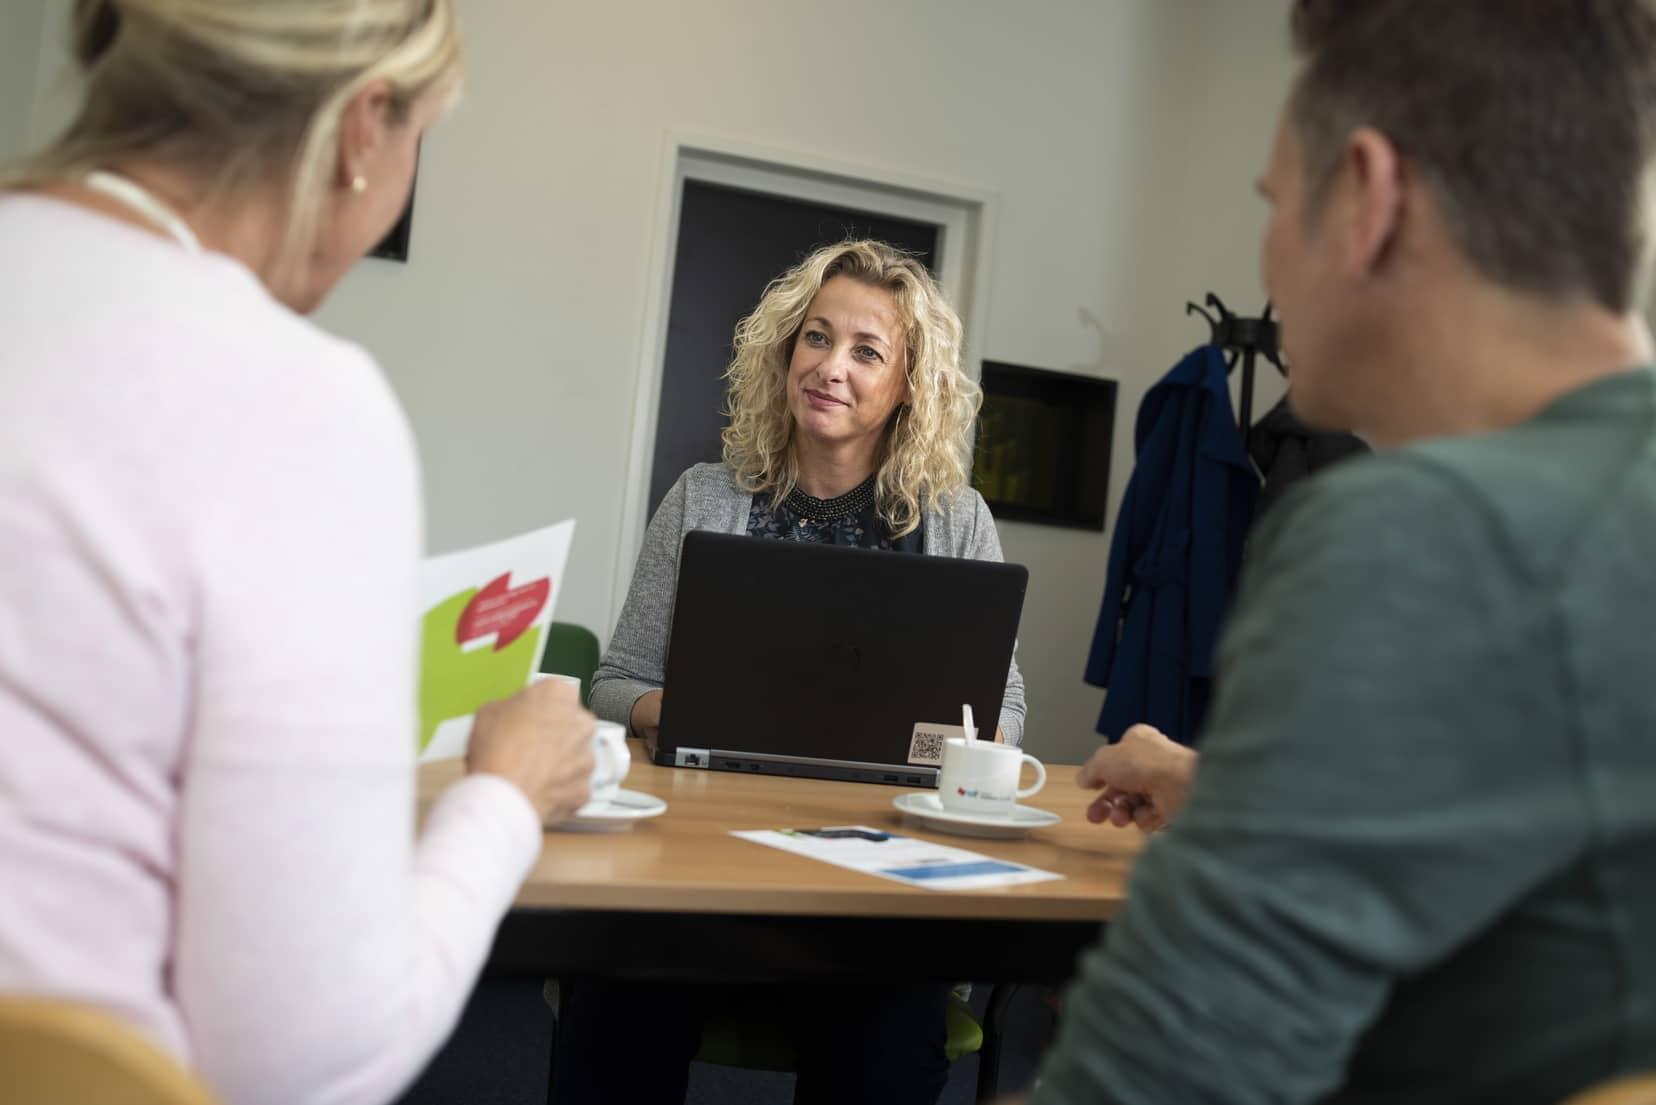 'Persoonlijk contact onmisbaar bij schuldhulpverlening', Ydwine Gietema, medewerker schulddienstverlening gemeente Súdwest-Fryslân